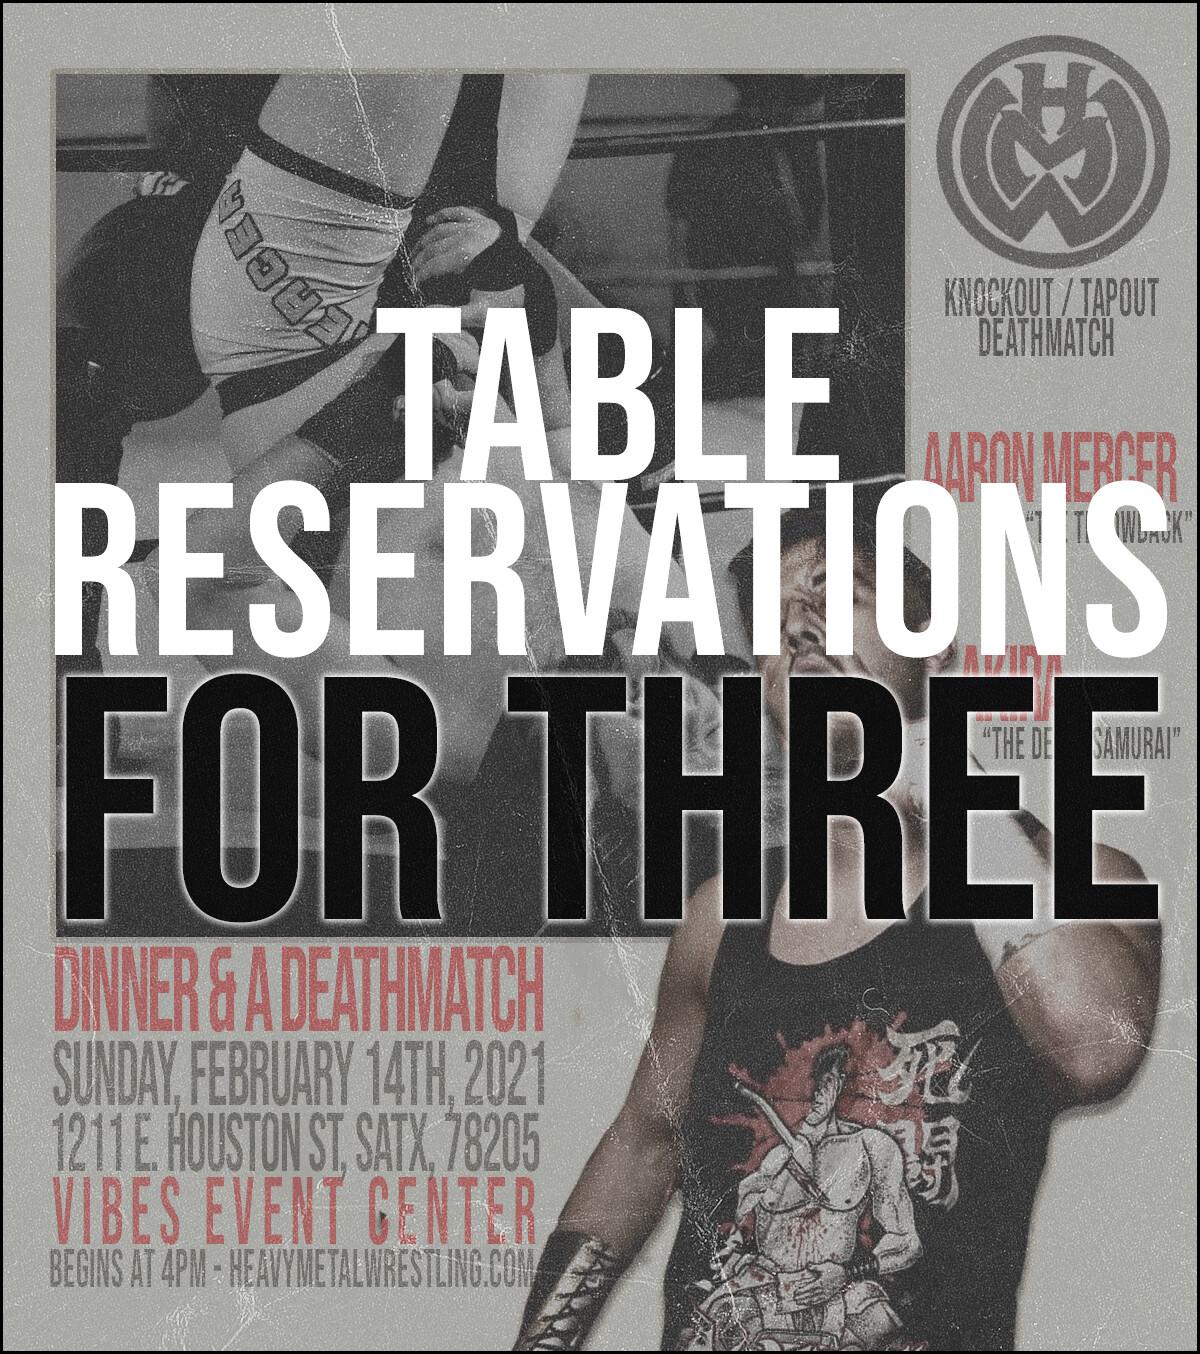 Dinner & A Deathmatch - Table for 3